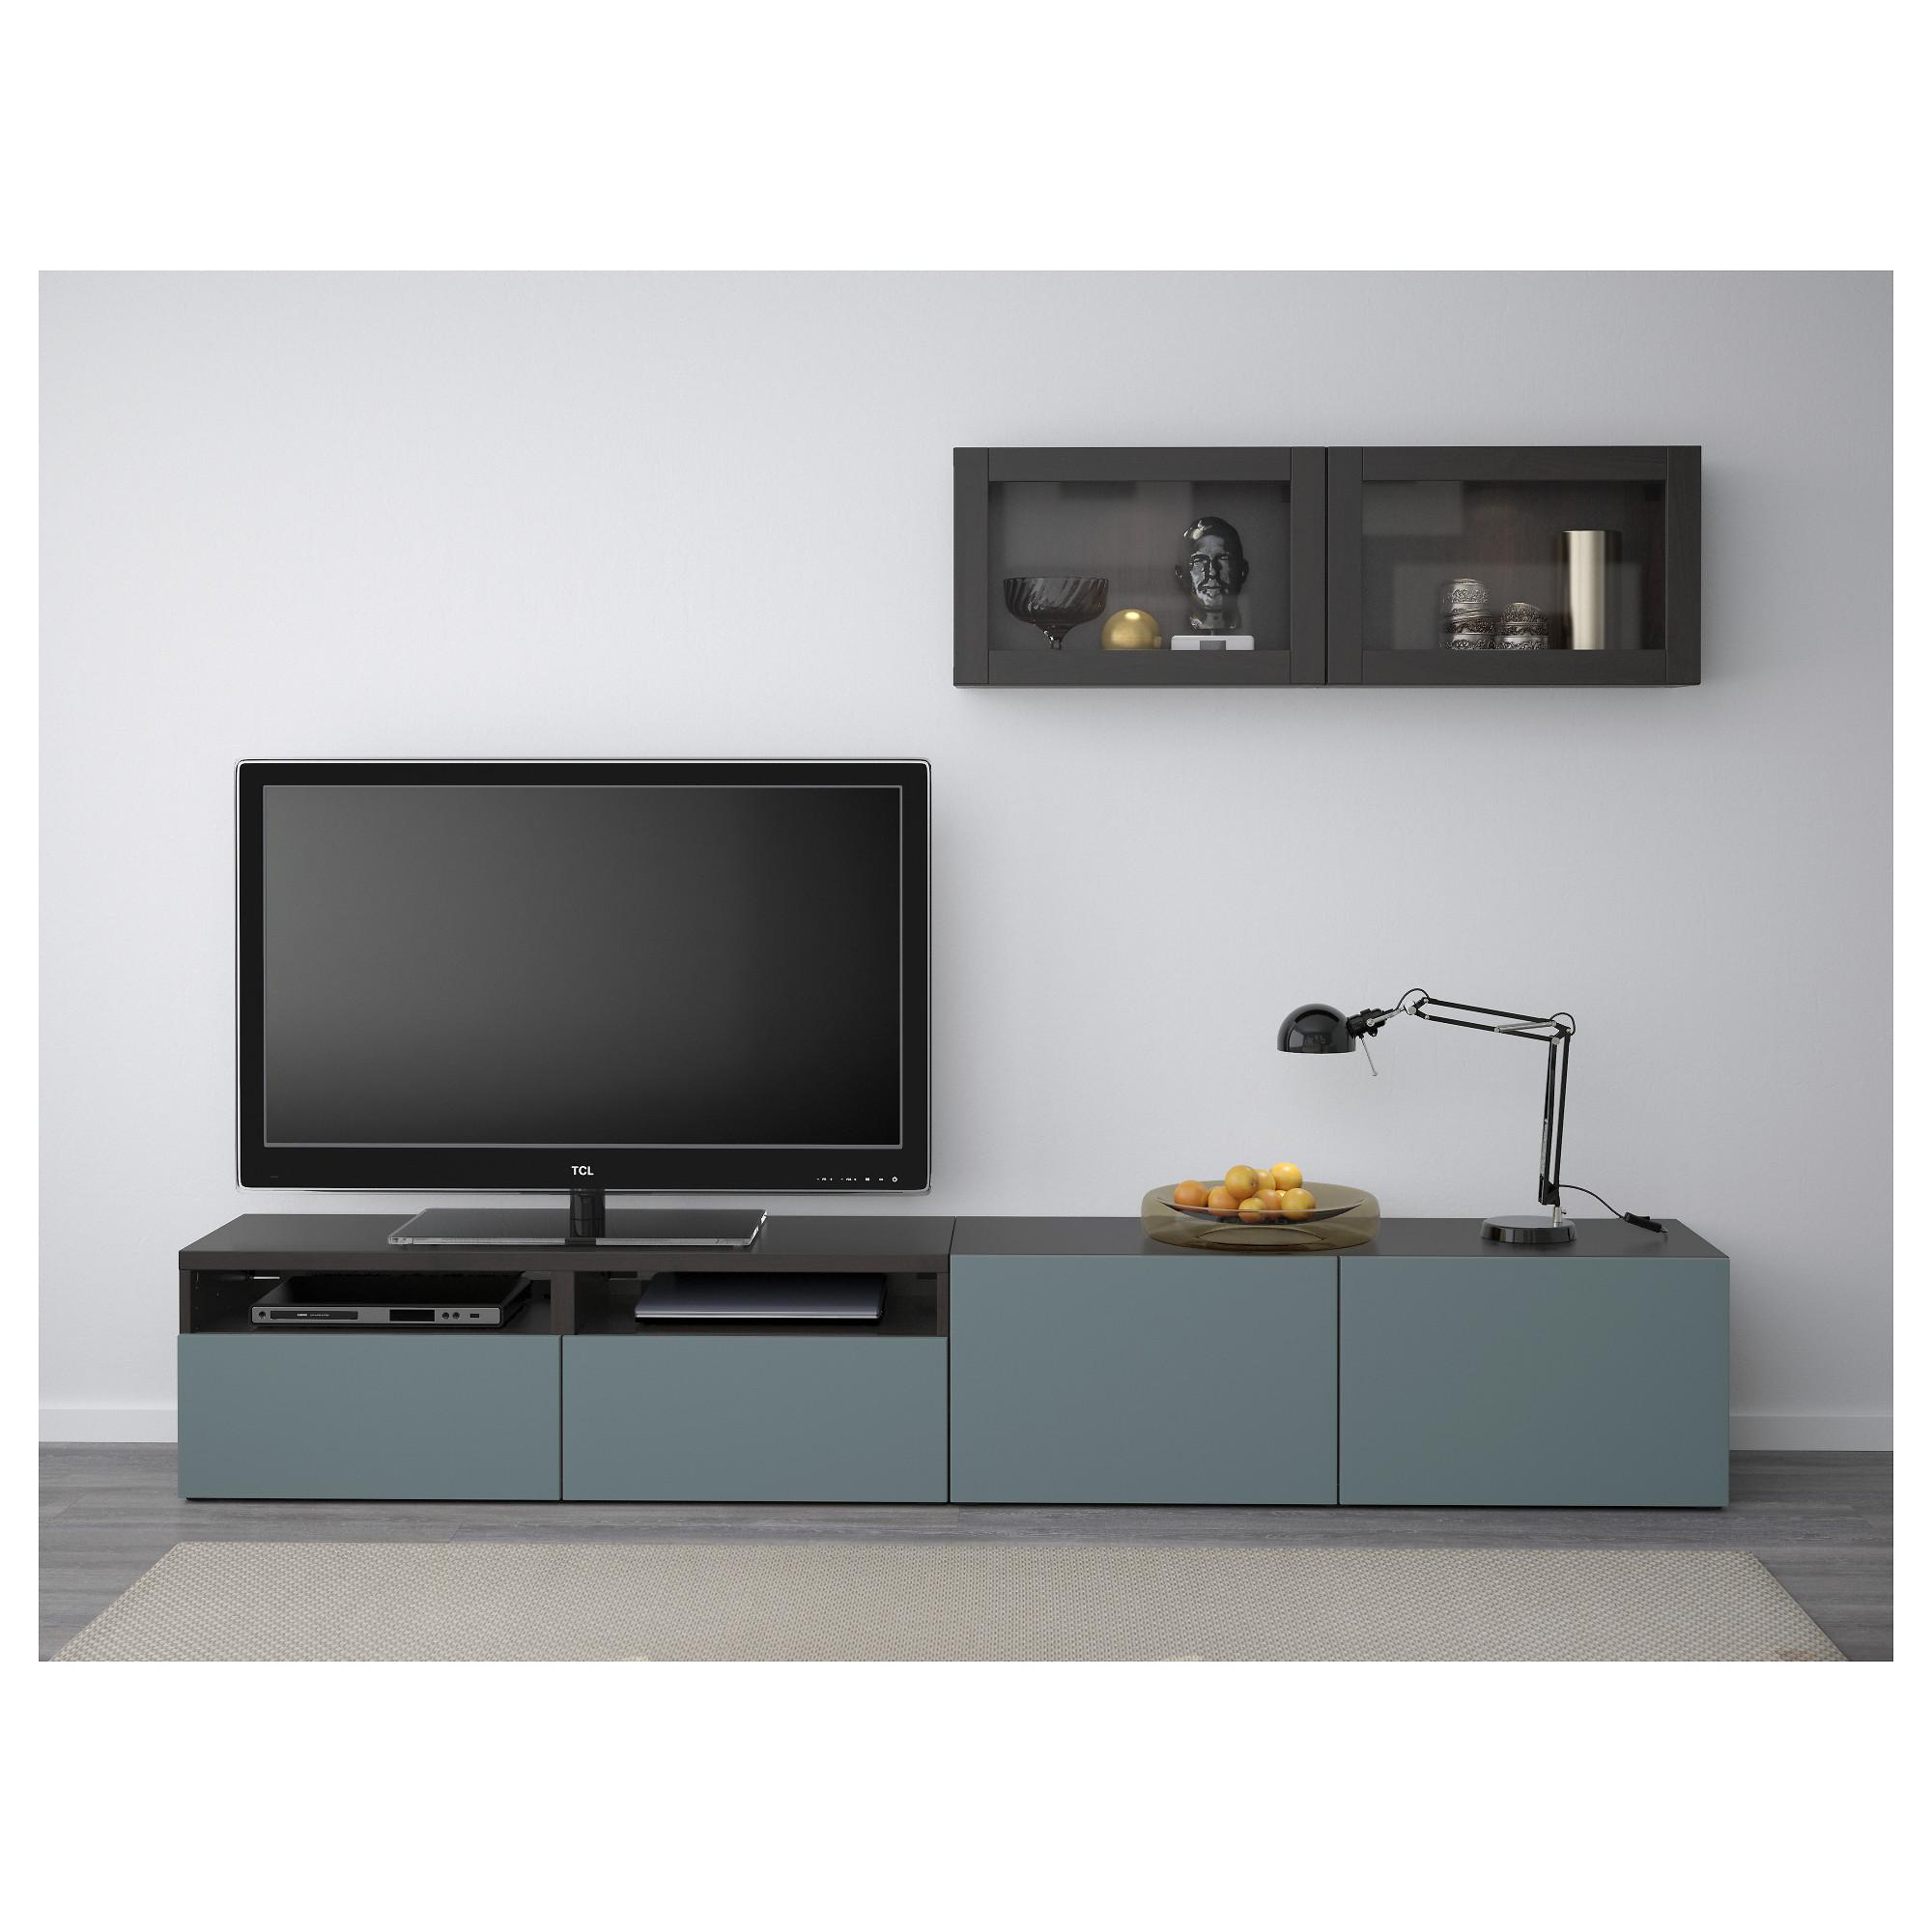 Шкаф для ТВ, комбинированный, стекляные дверцы БЕСТО артикуль № 092.509.33 в наличии. Онлайн магазин IKEA Беларусь. Быстрая доставка и установка.